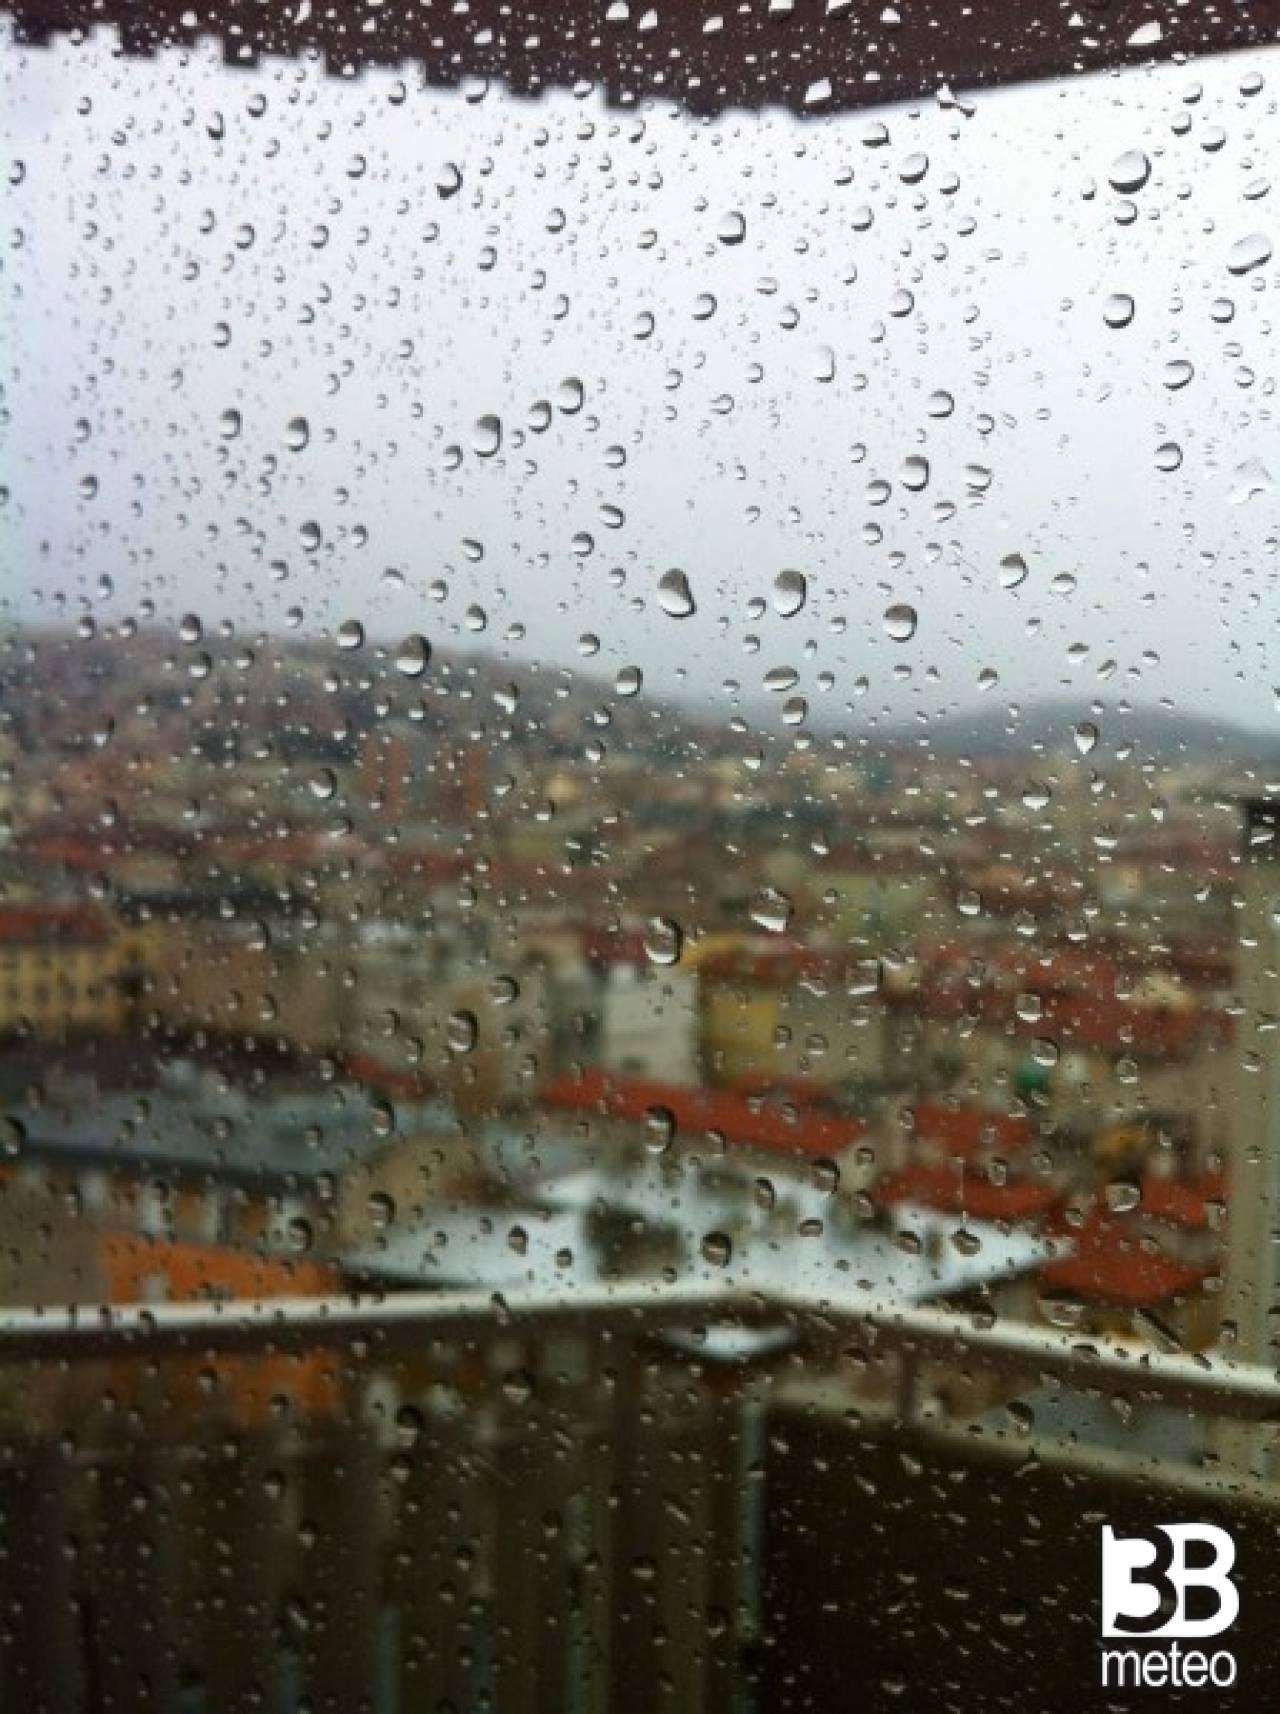 Meteo Trieste: qualche possibile rovescio lunedì, piogge martedì, discreto mercoledì - 3bmeteo